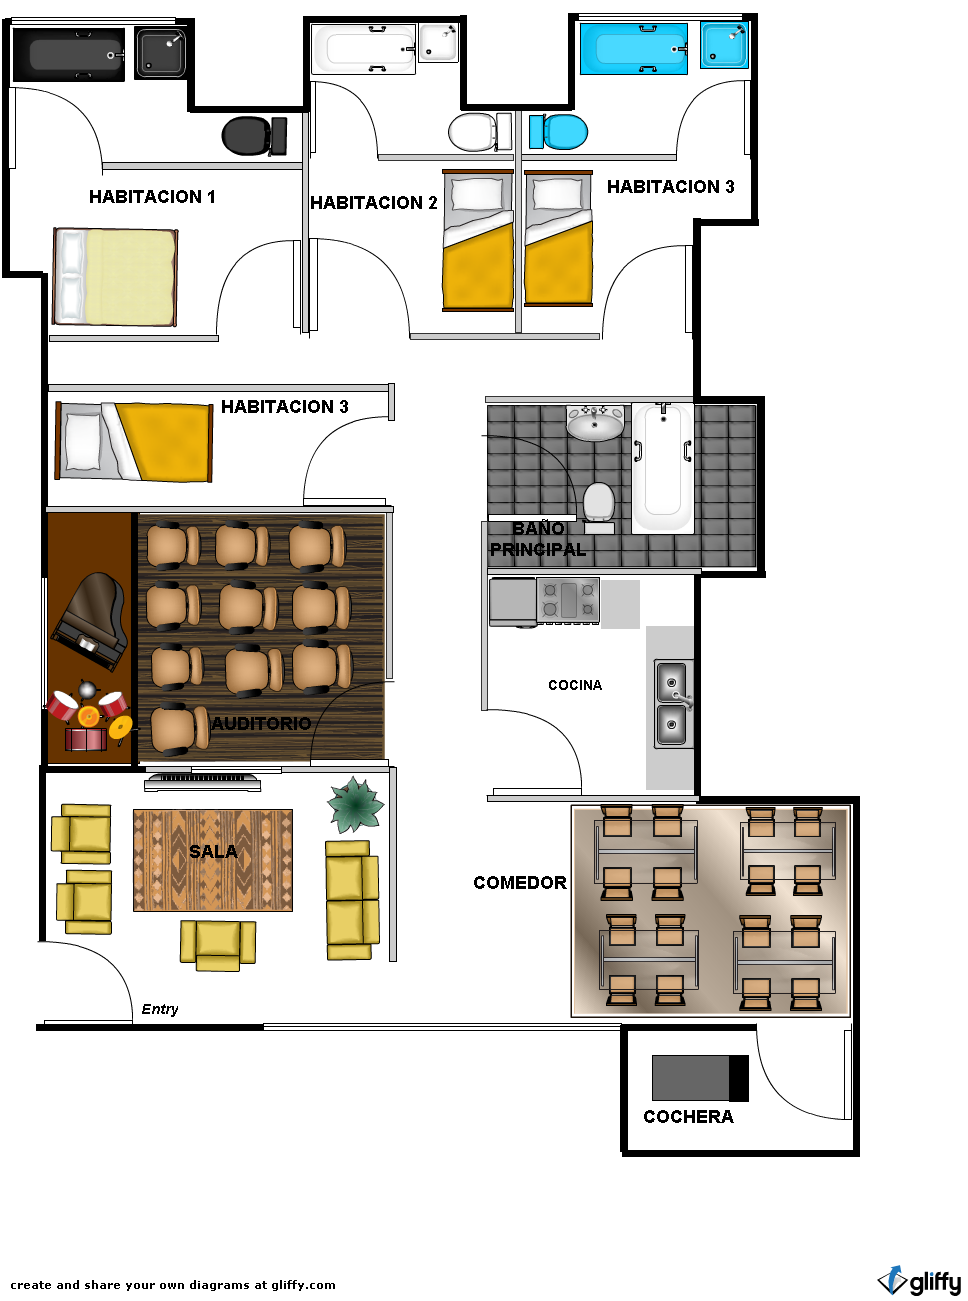 Gustavo jimenez h plano 3 4 alcobas auditorio cocina for Planos de cocina y comedor